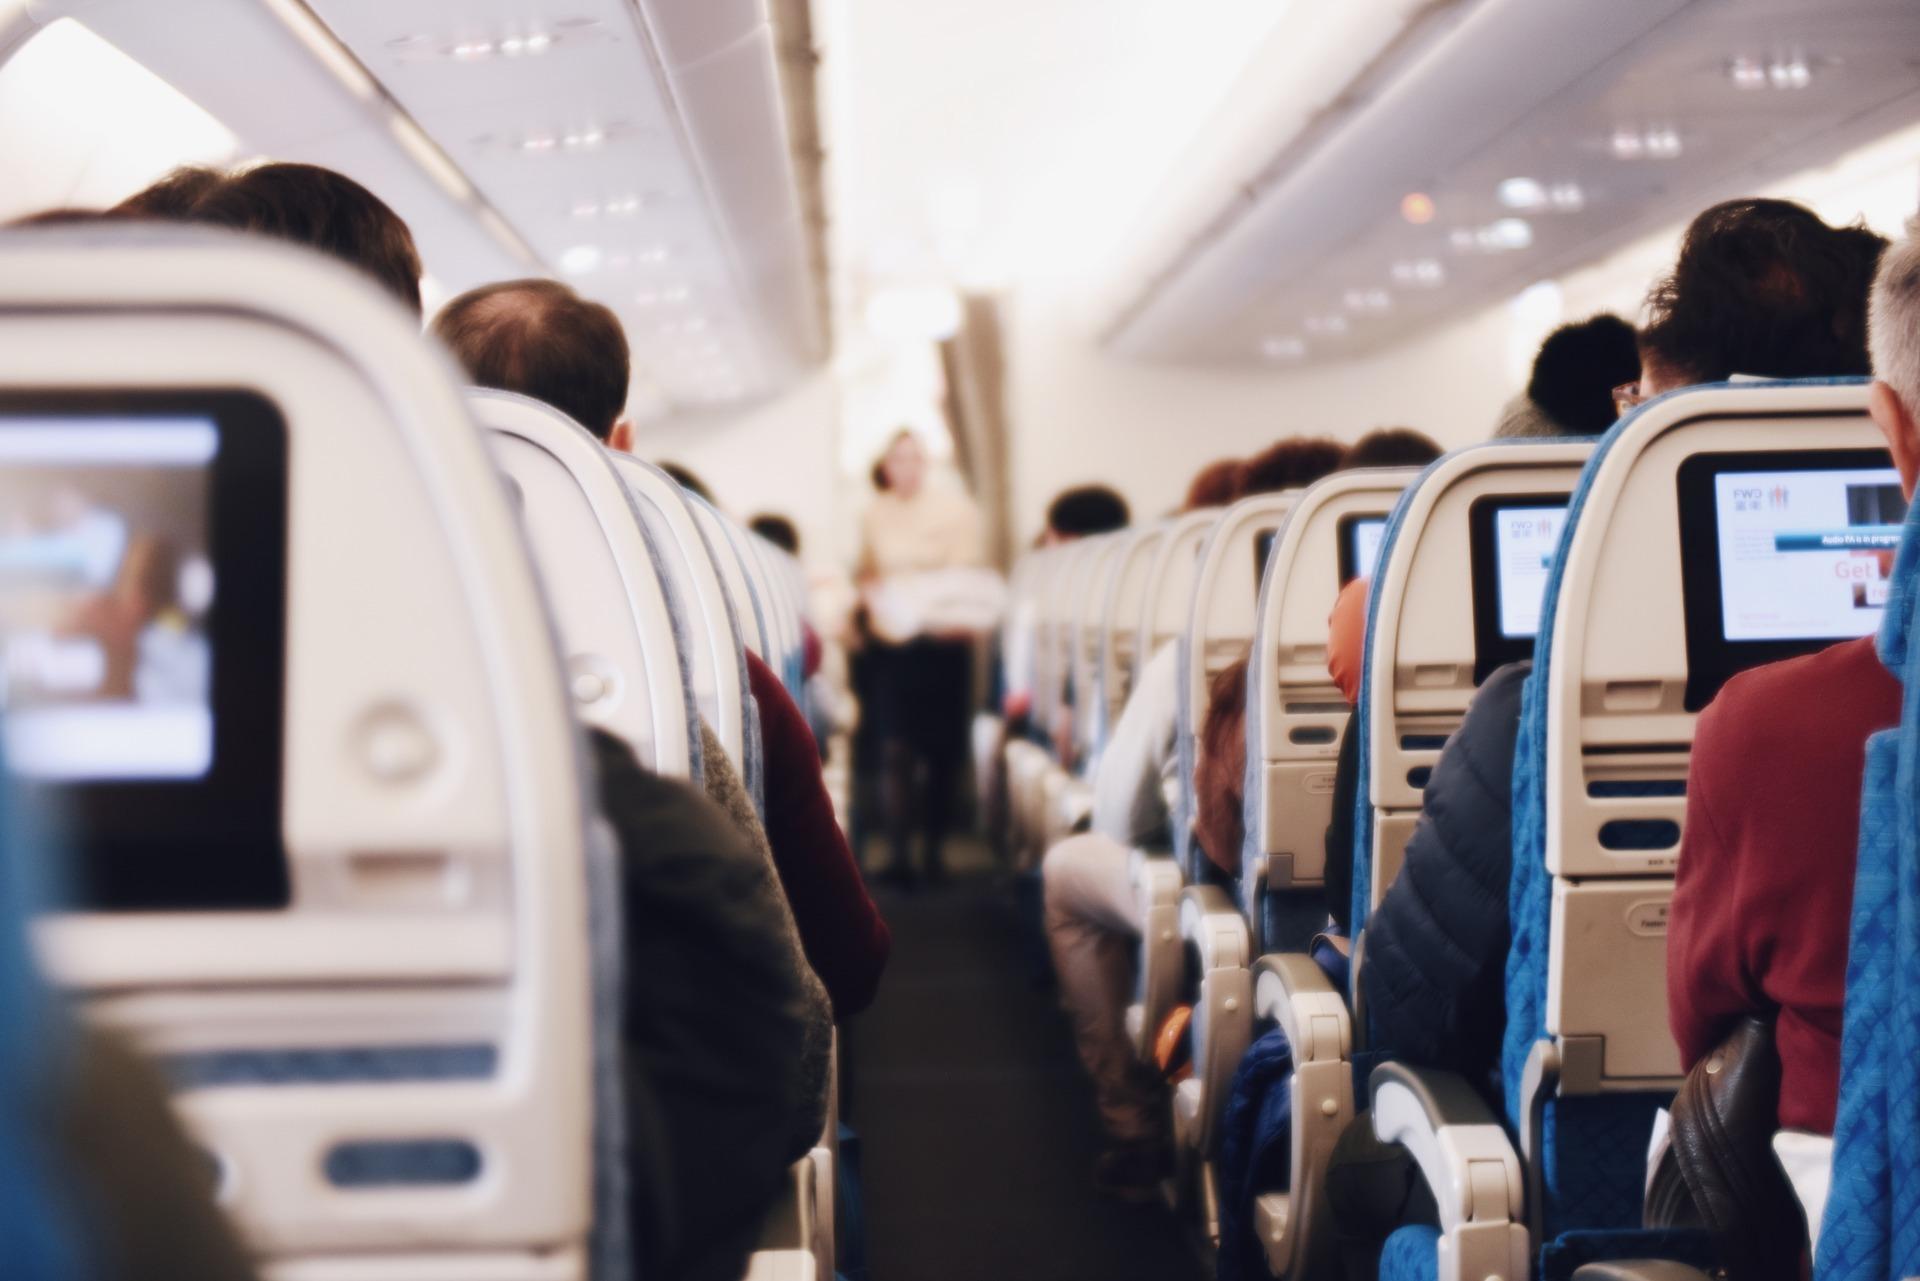 자발적 하기 요청이 있는 경우 승객 전원이 비행기에서 내렸다가 다시 타야하기도 한다. [중앙포토]